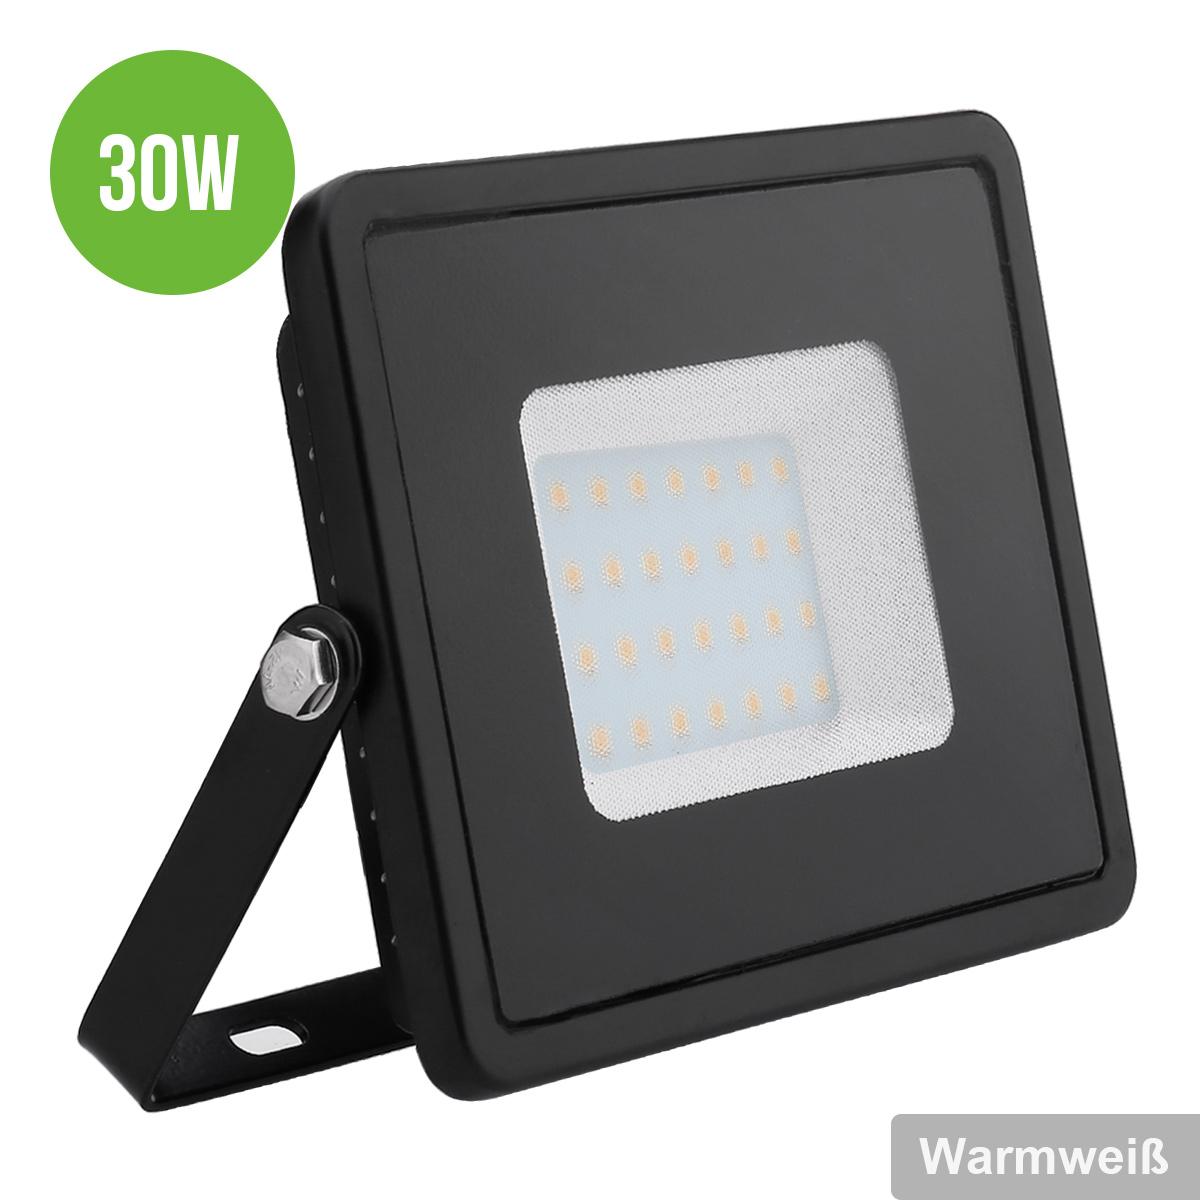 LED Fluter 30W, 2400lm Flutlichtstrahler, IP65 wasserdicht Warmweiß, ersetzt 75W Hochdrucknatriumlampe, Scheinwerfer, LED Außenleuchten